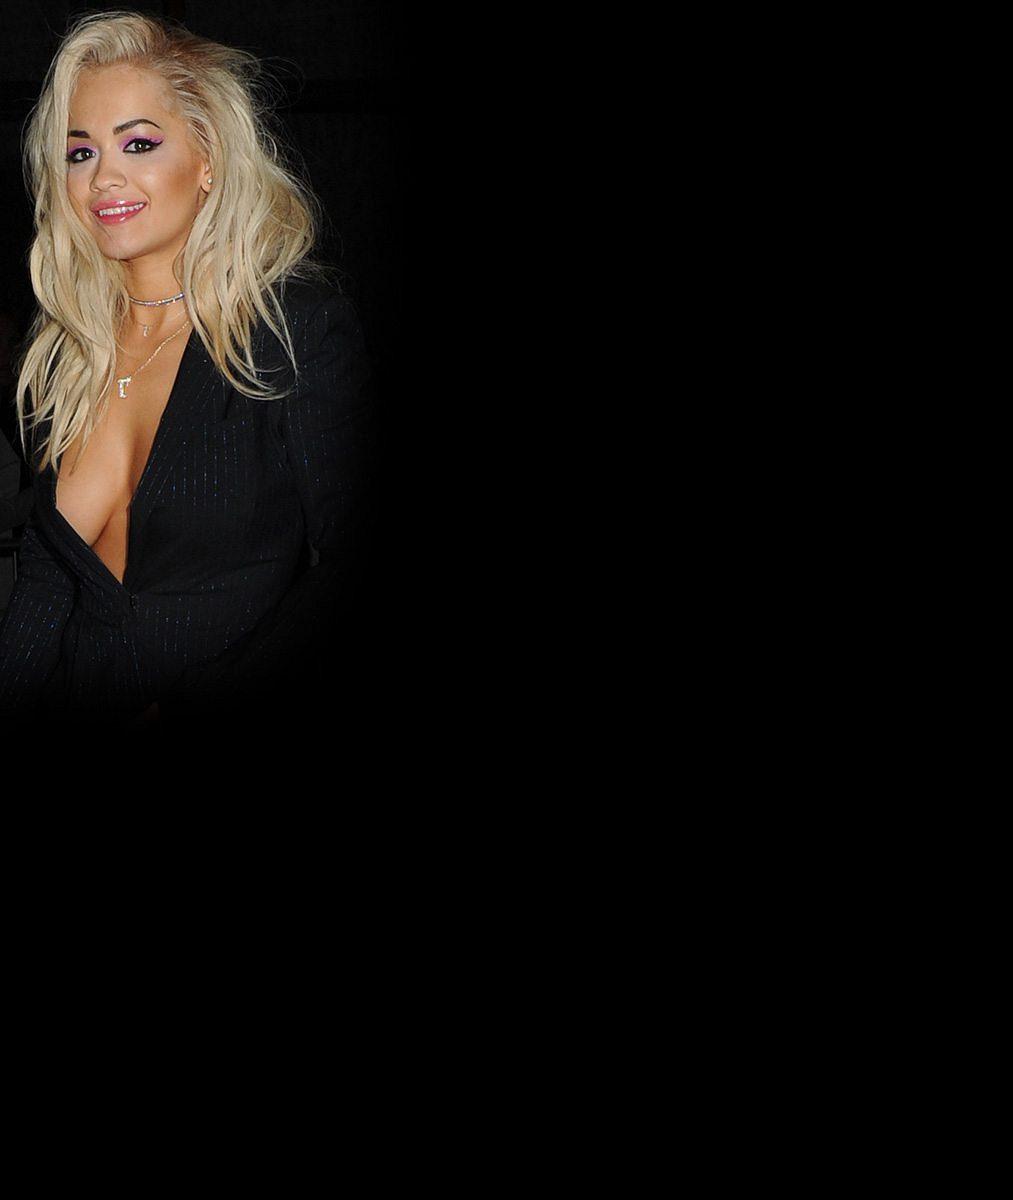 Jsou jako unás Petra Faltýnová: Aniston, Rihanna iLady Gaga se producírují na veřejnosti bez podprsenky